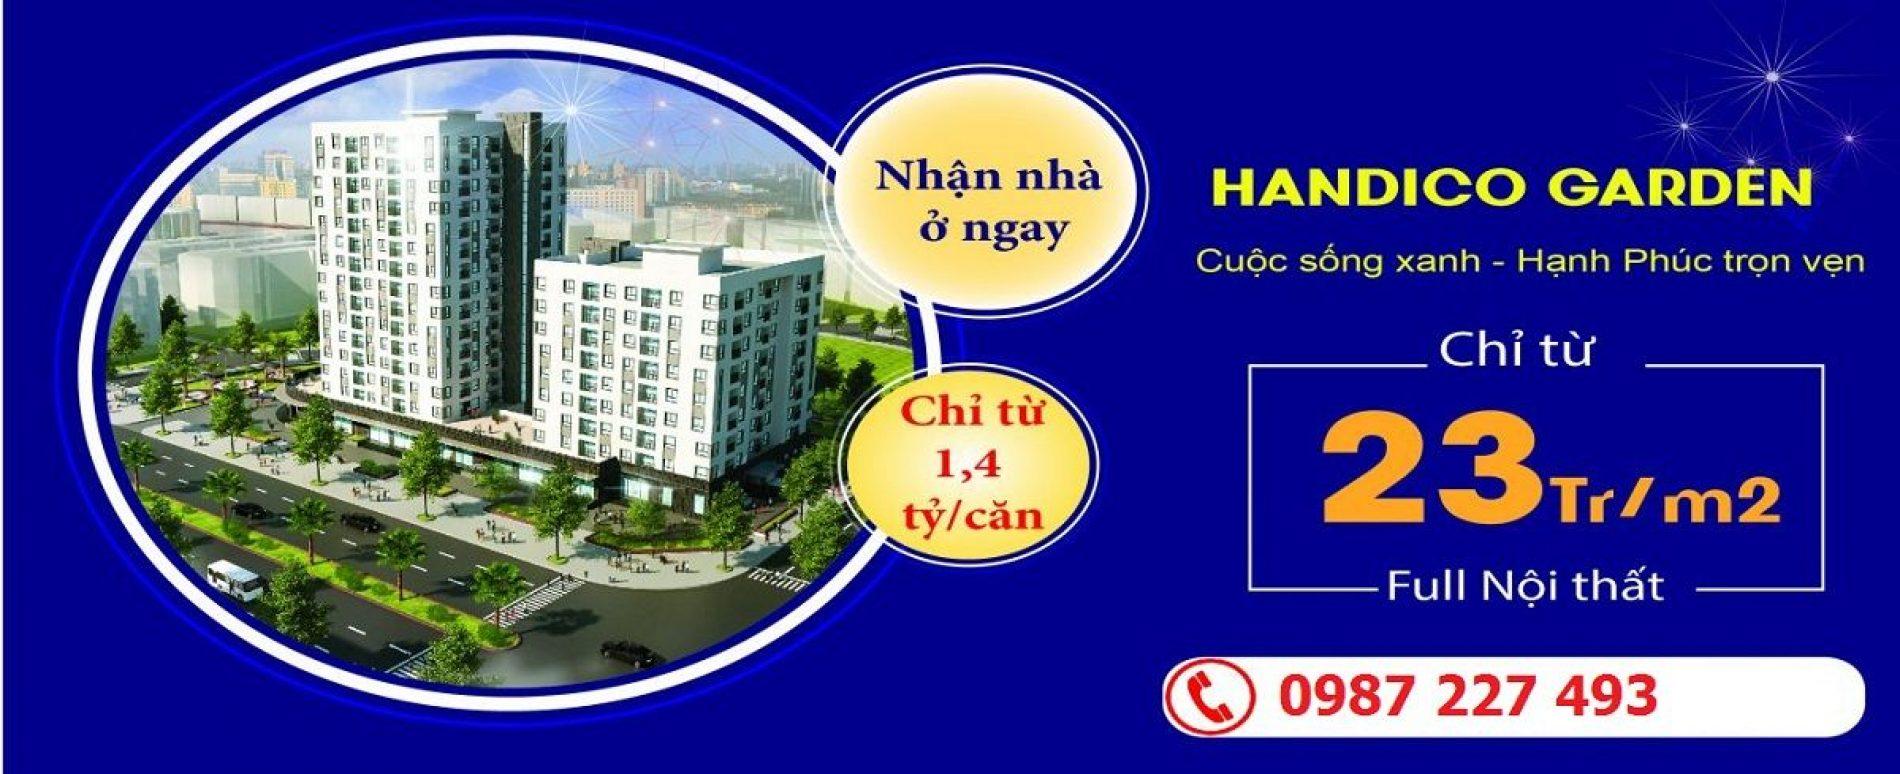 No 08 Giang Biên – Nhận nhà ở ngay, trao tay quà tặng